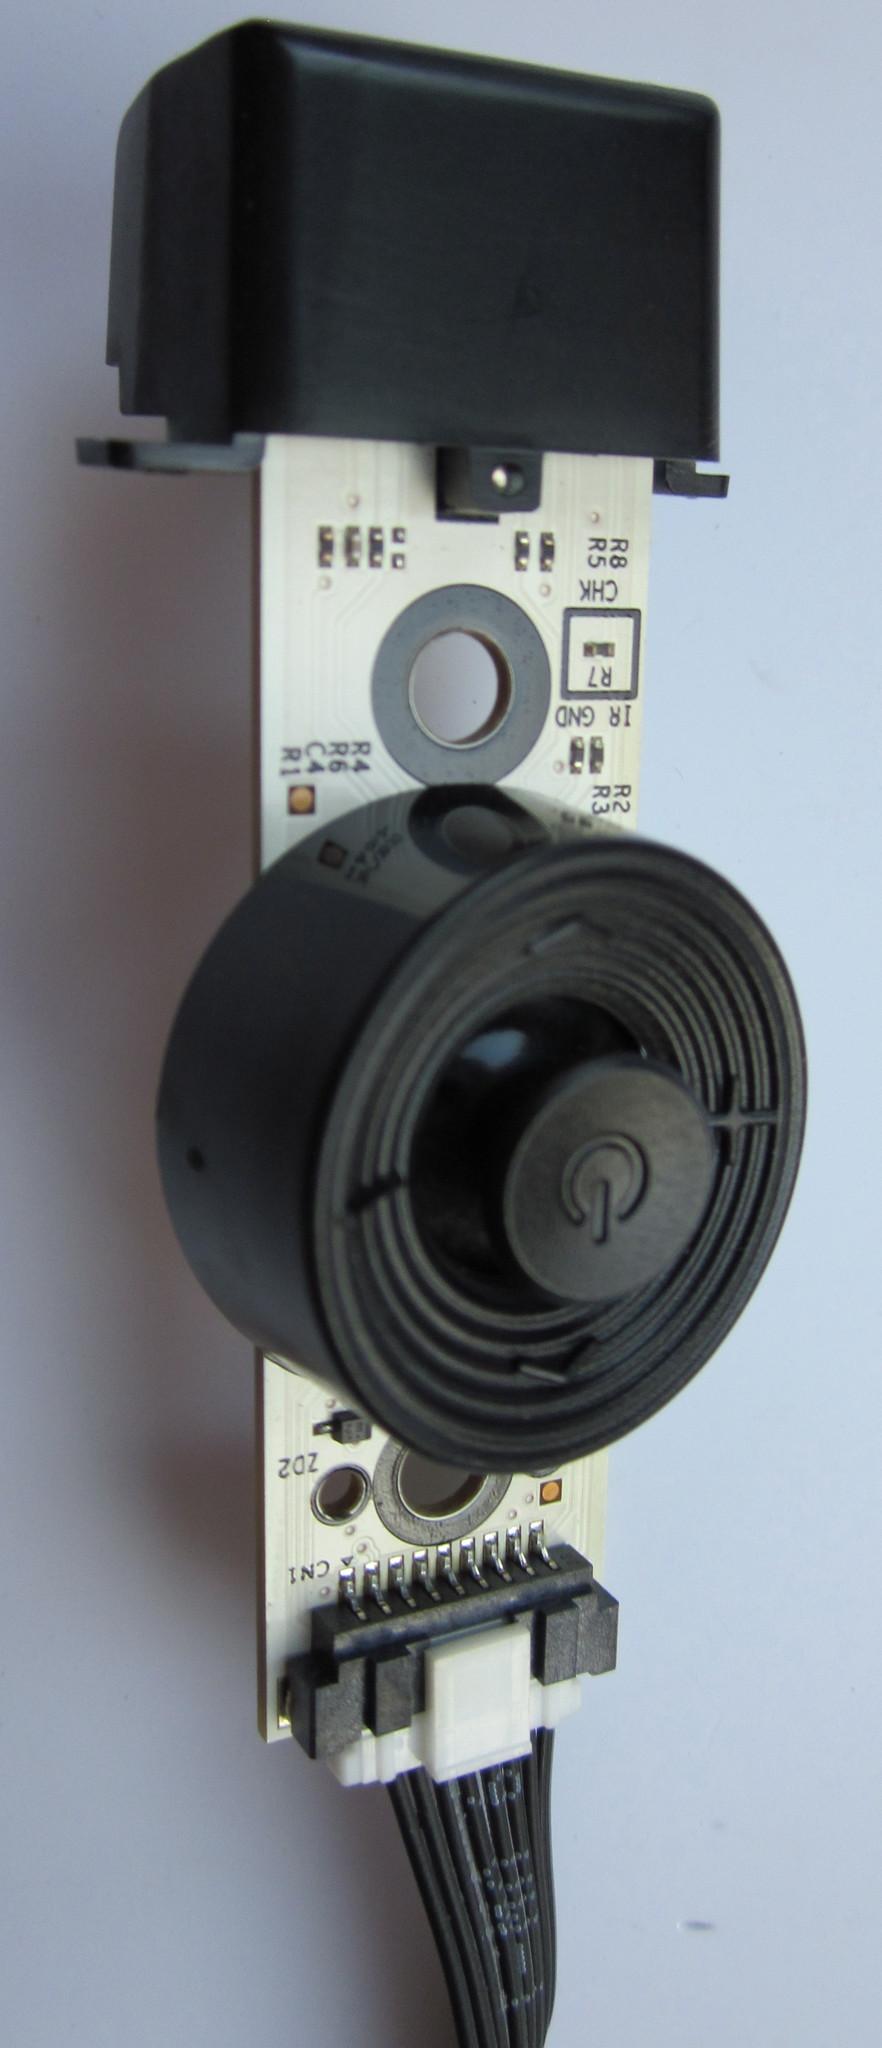 BN41-01976A